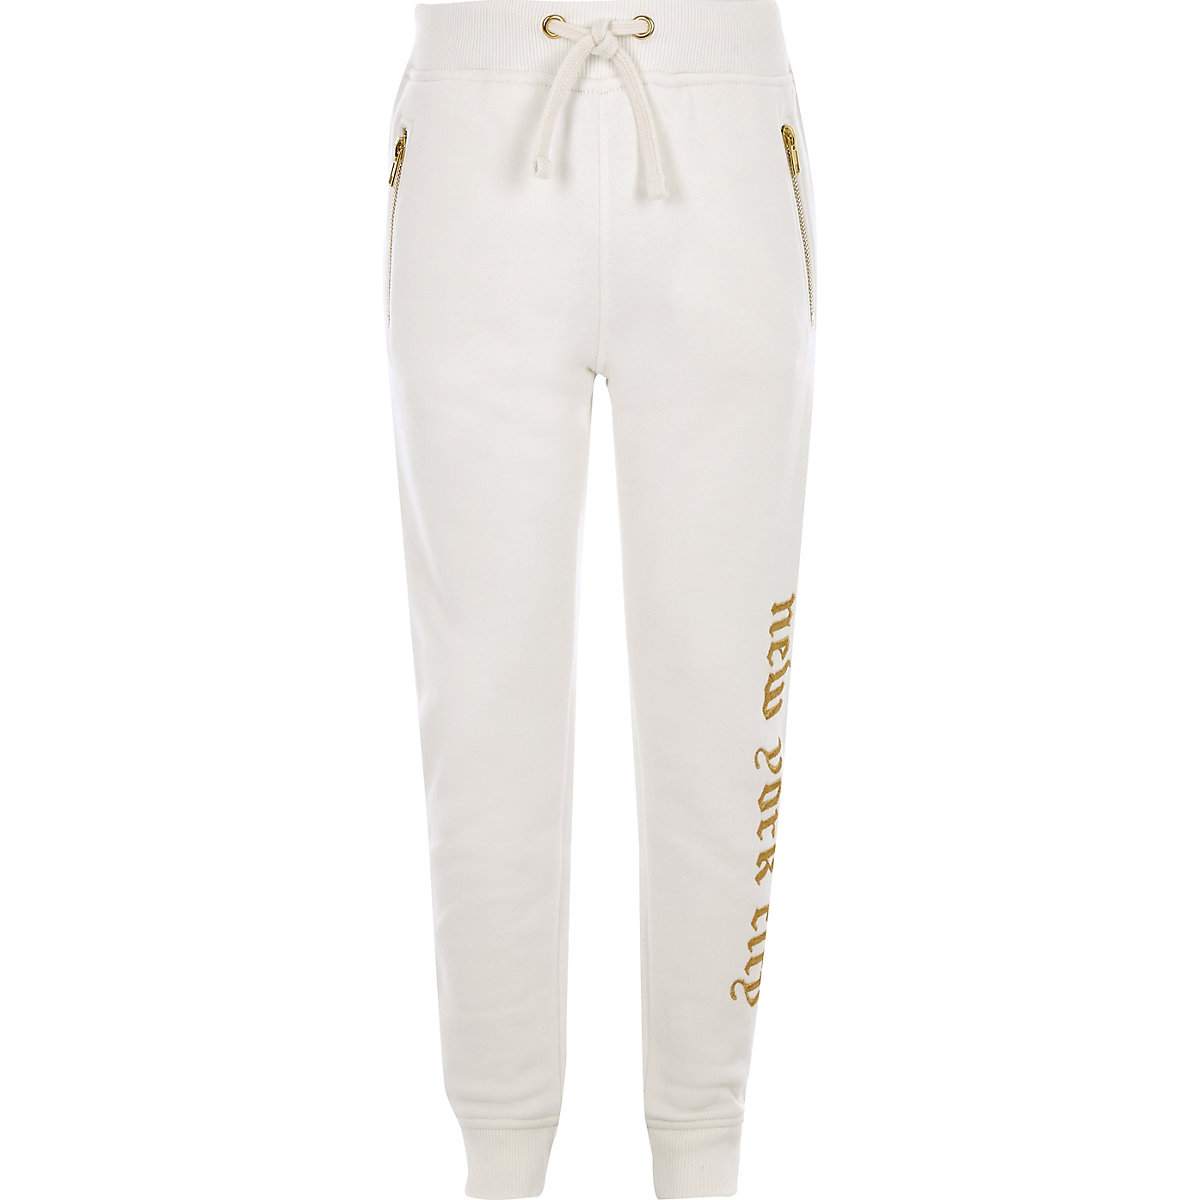 Pantalon de jogging blanc brodé pour garçon